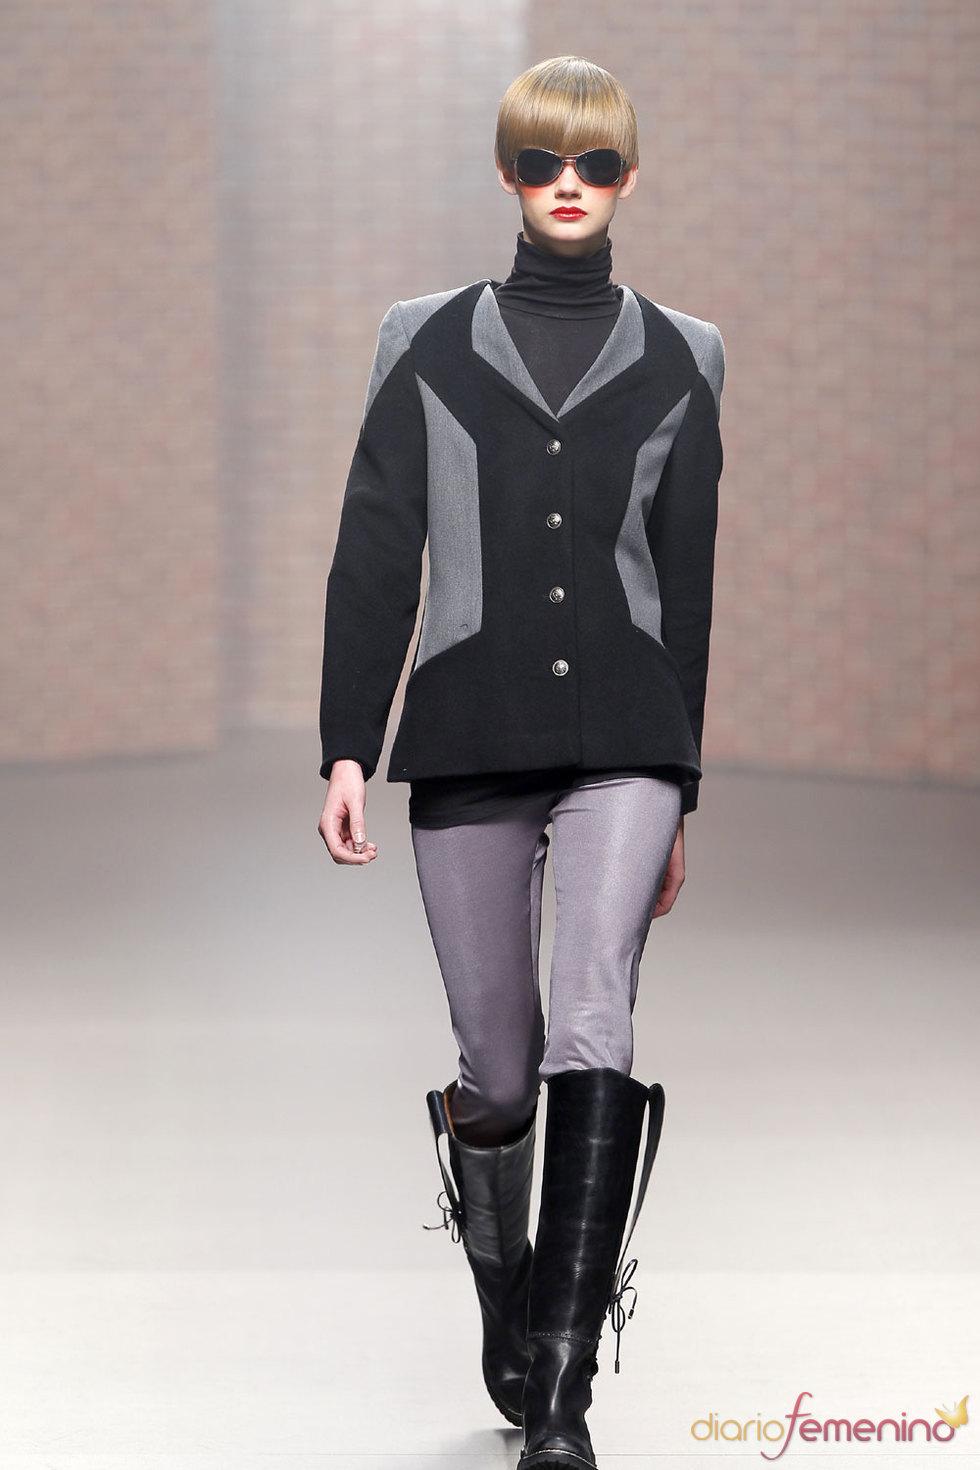 Cibeles Fashion Week 2010 - Antonio Alvarado